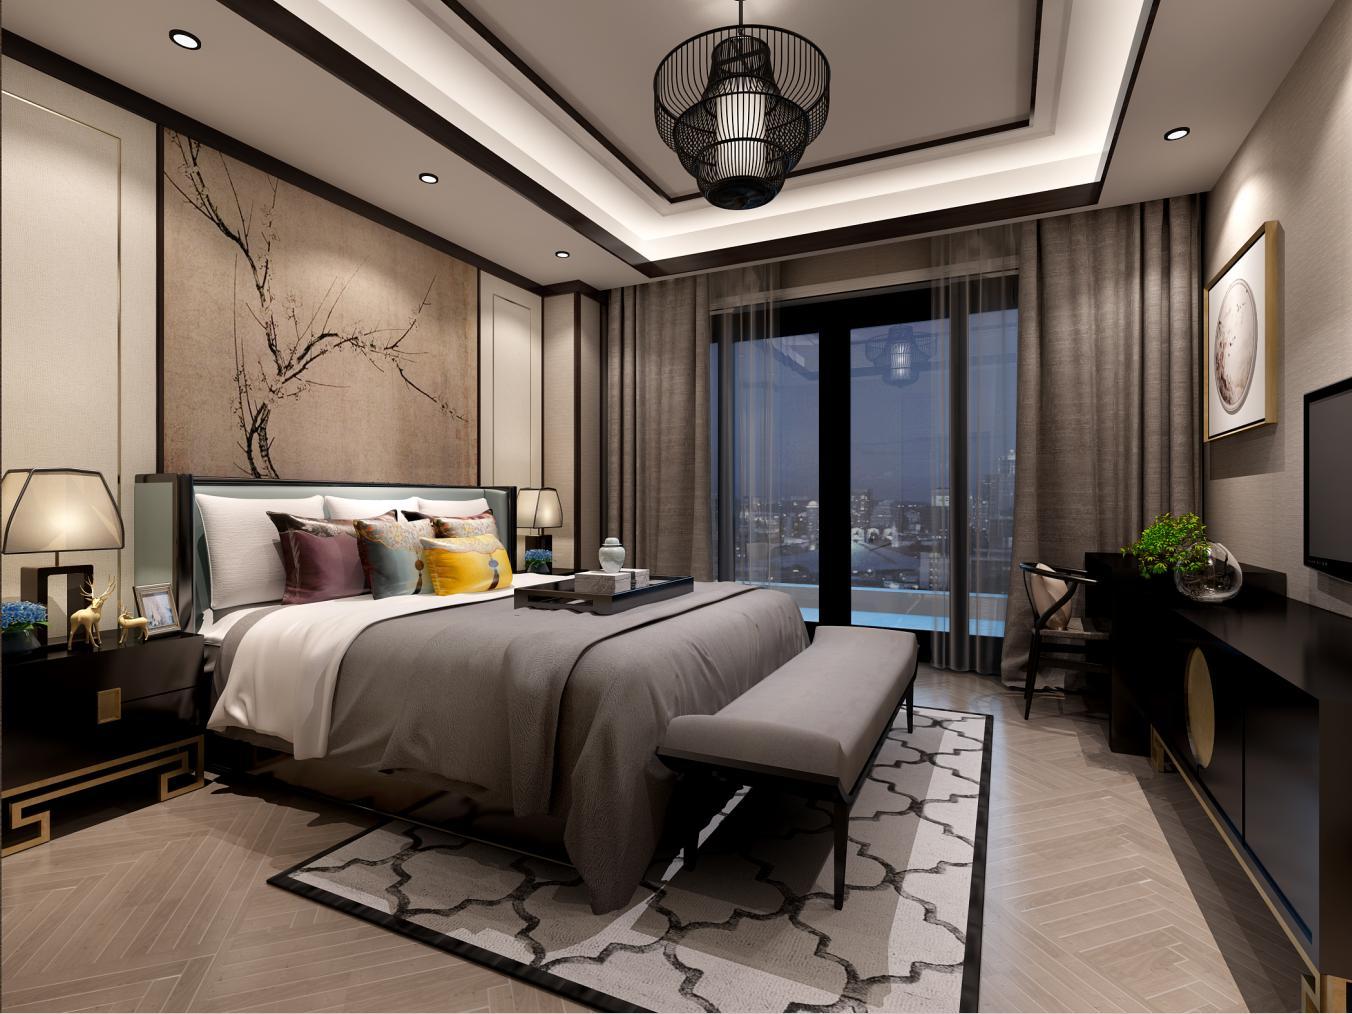 法兰西世家 别墅装修 新中式风格 腾龙设计 卧室图片来自腾龙设计在沈韬作品 法兰西世家别墅装修的分享